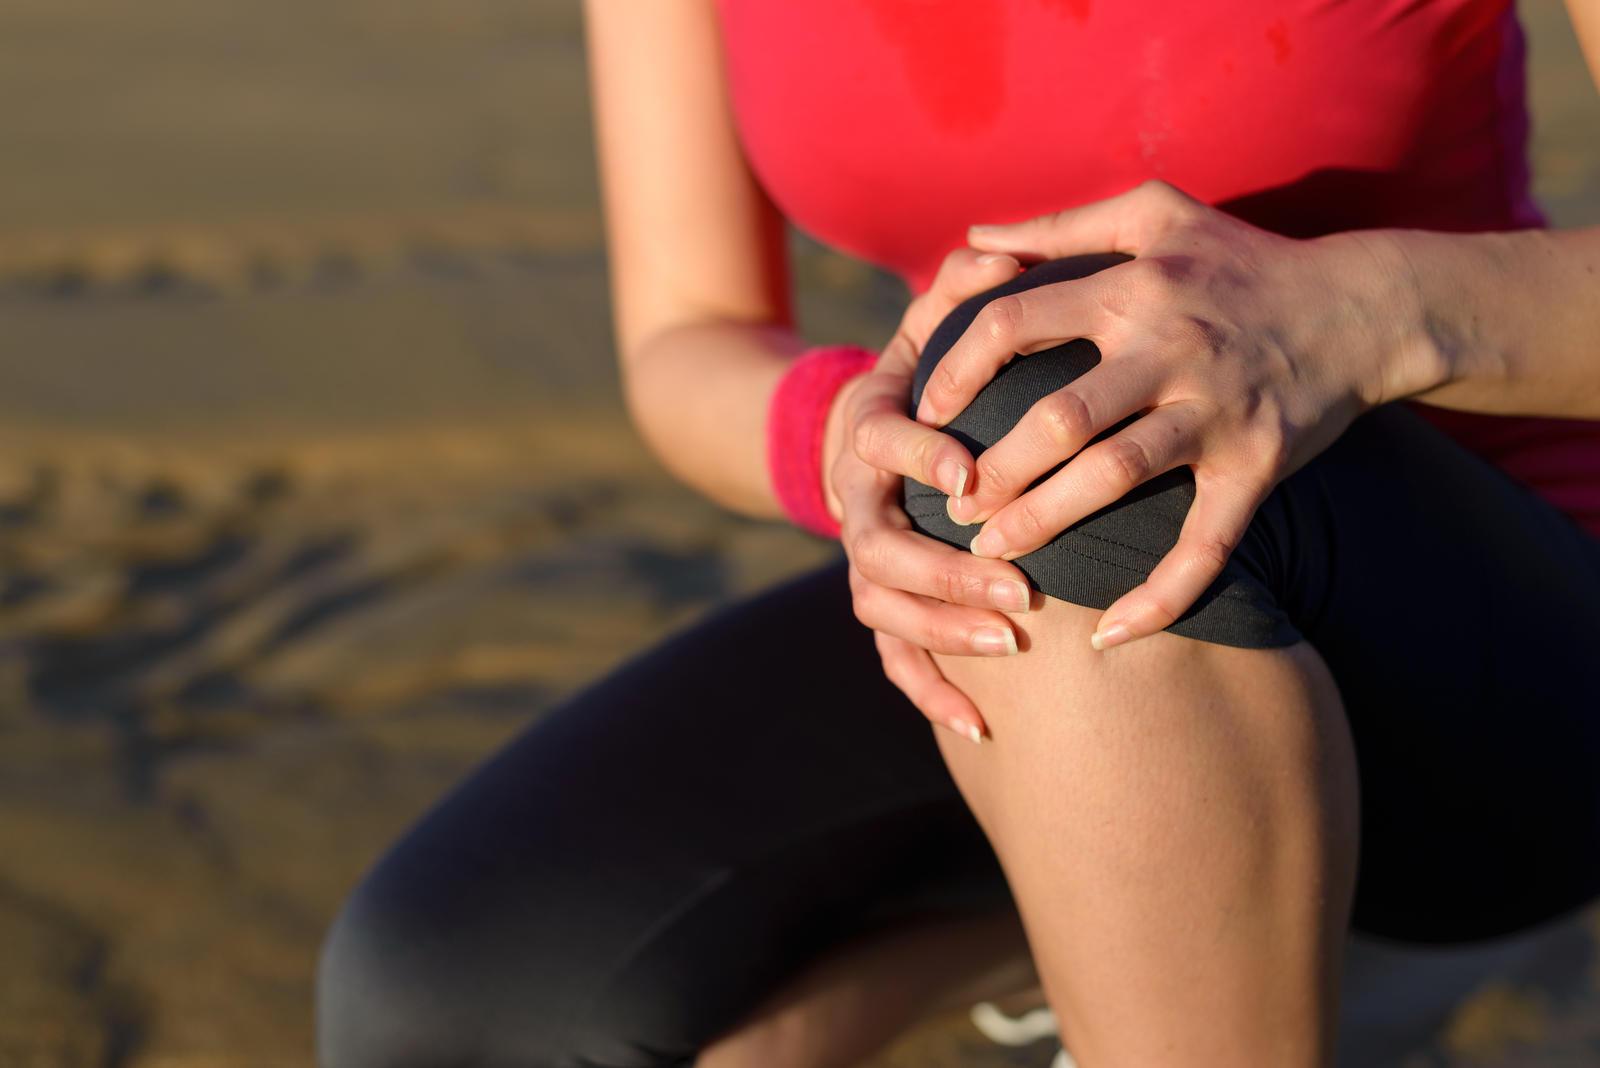 sustav peties skausmas lėtinis skausmas